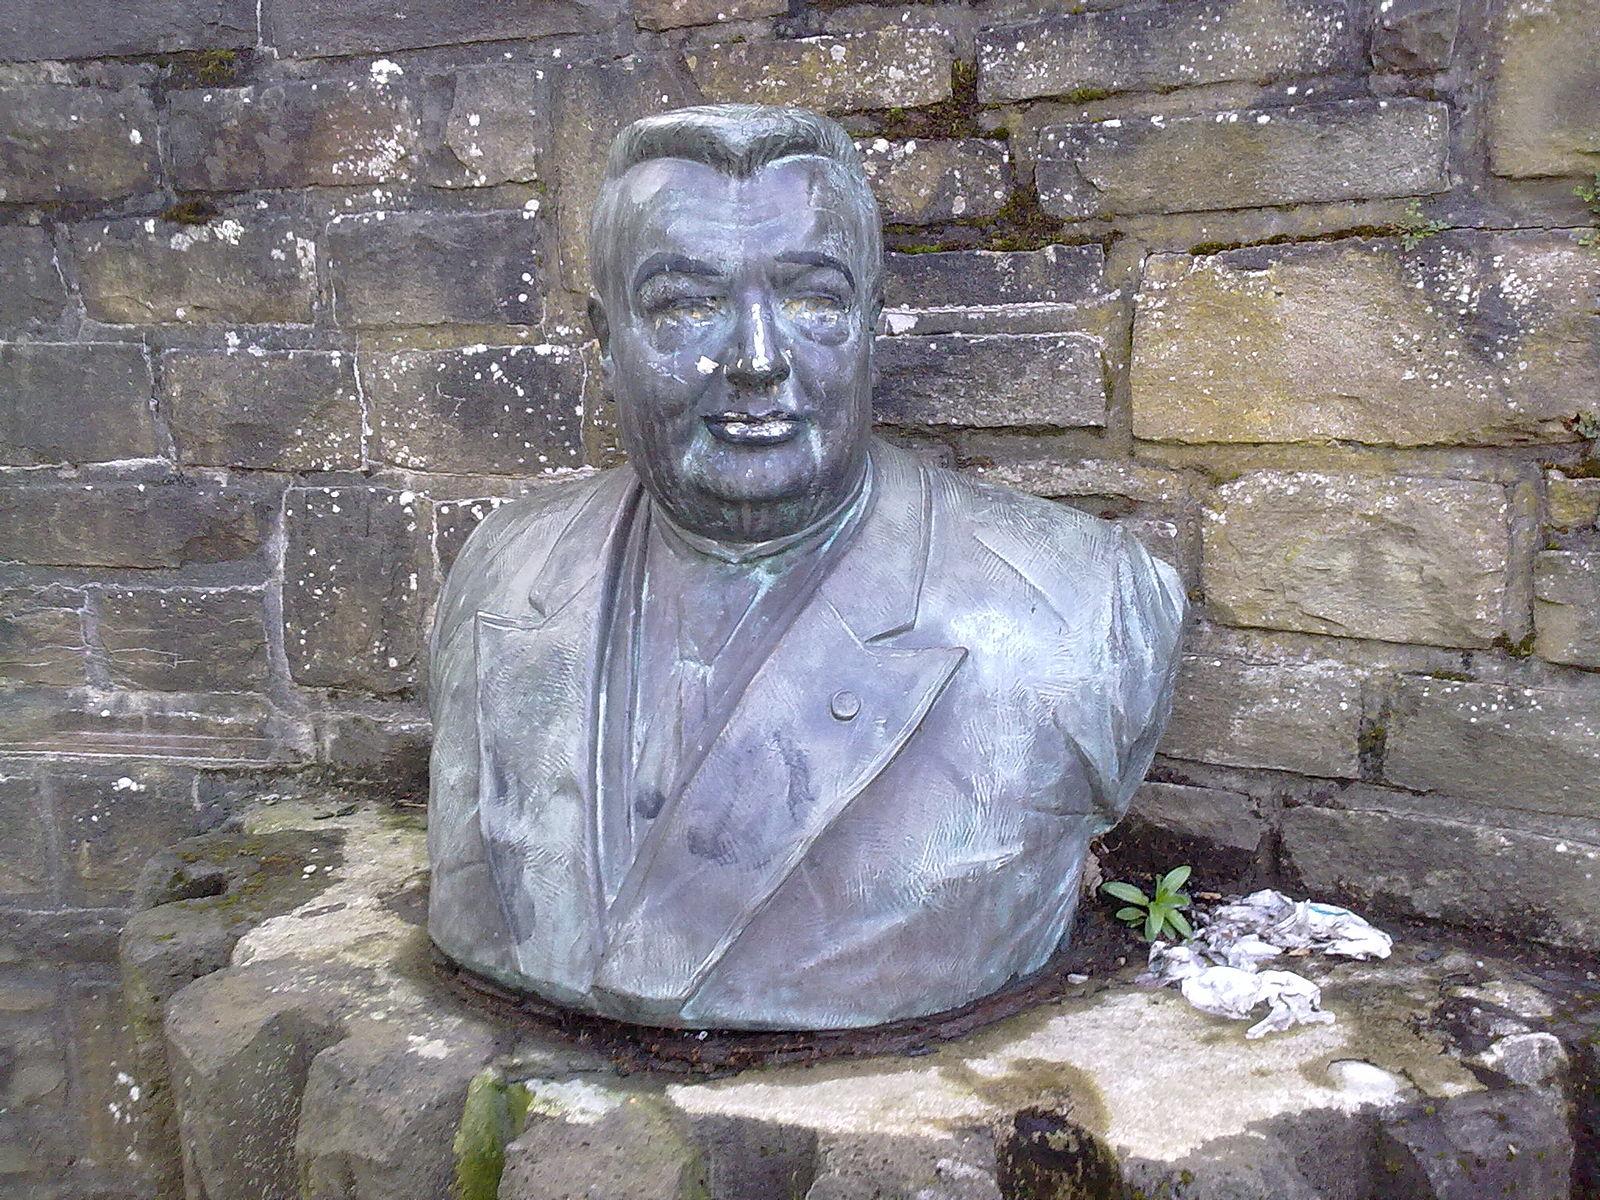 Buste d'Auguste Lannoye à Mont Saint-Guibert, à proximité du site des Papeteries 2011 © Ollnu